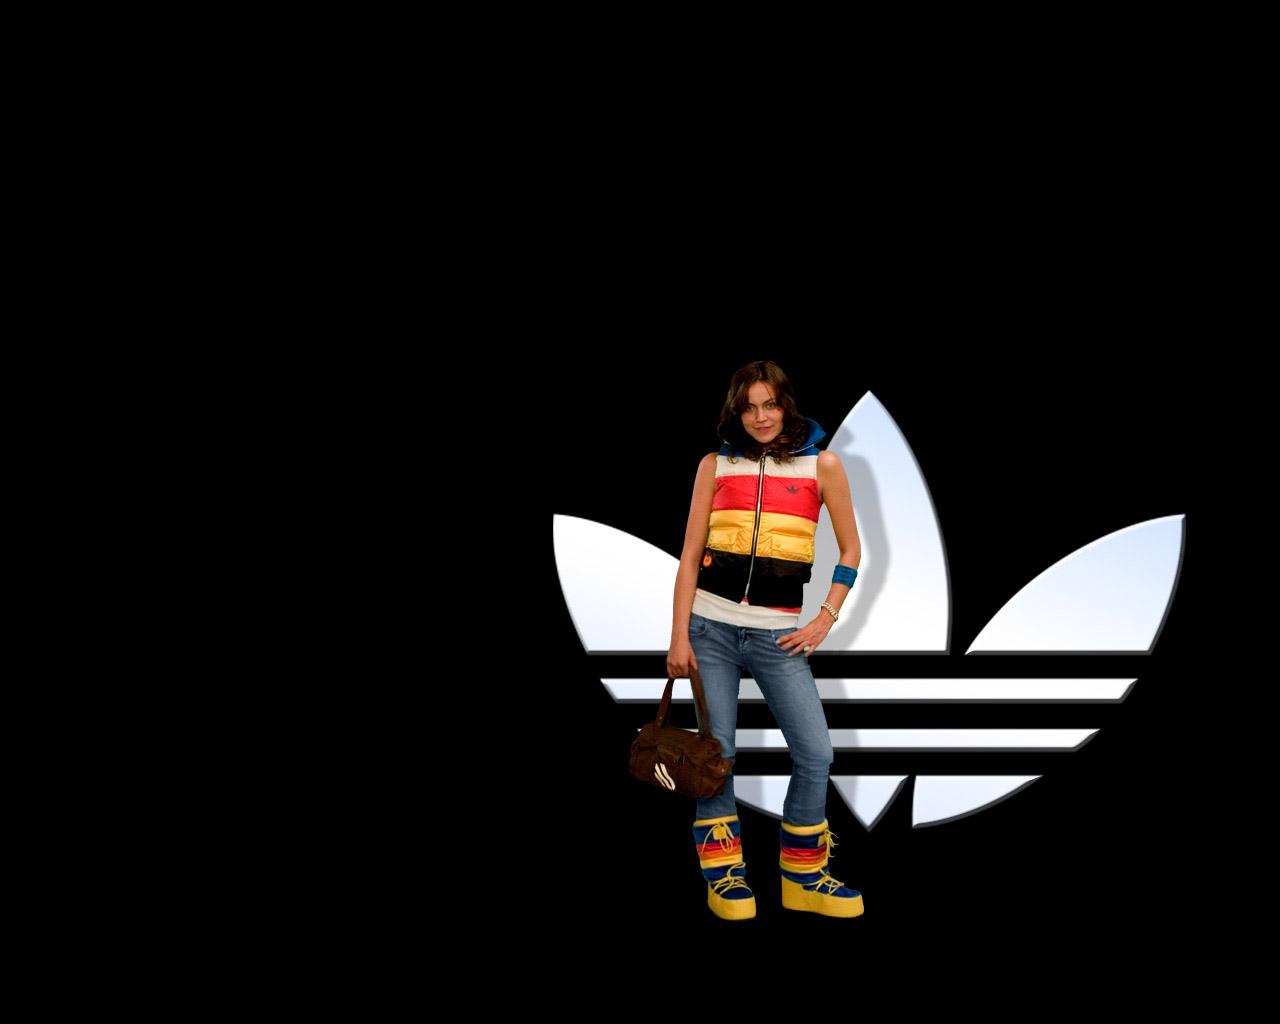 壁纸1280×1024adidas 1 19壁纸 运动品牌 adidas 第一辑壁纸图片品牌壁纸品牌图片素材桌面壁纸